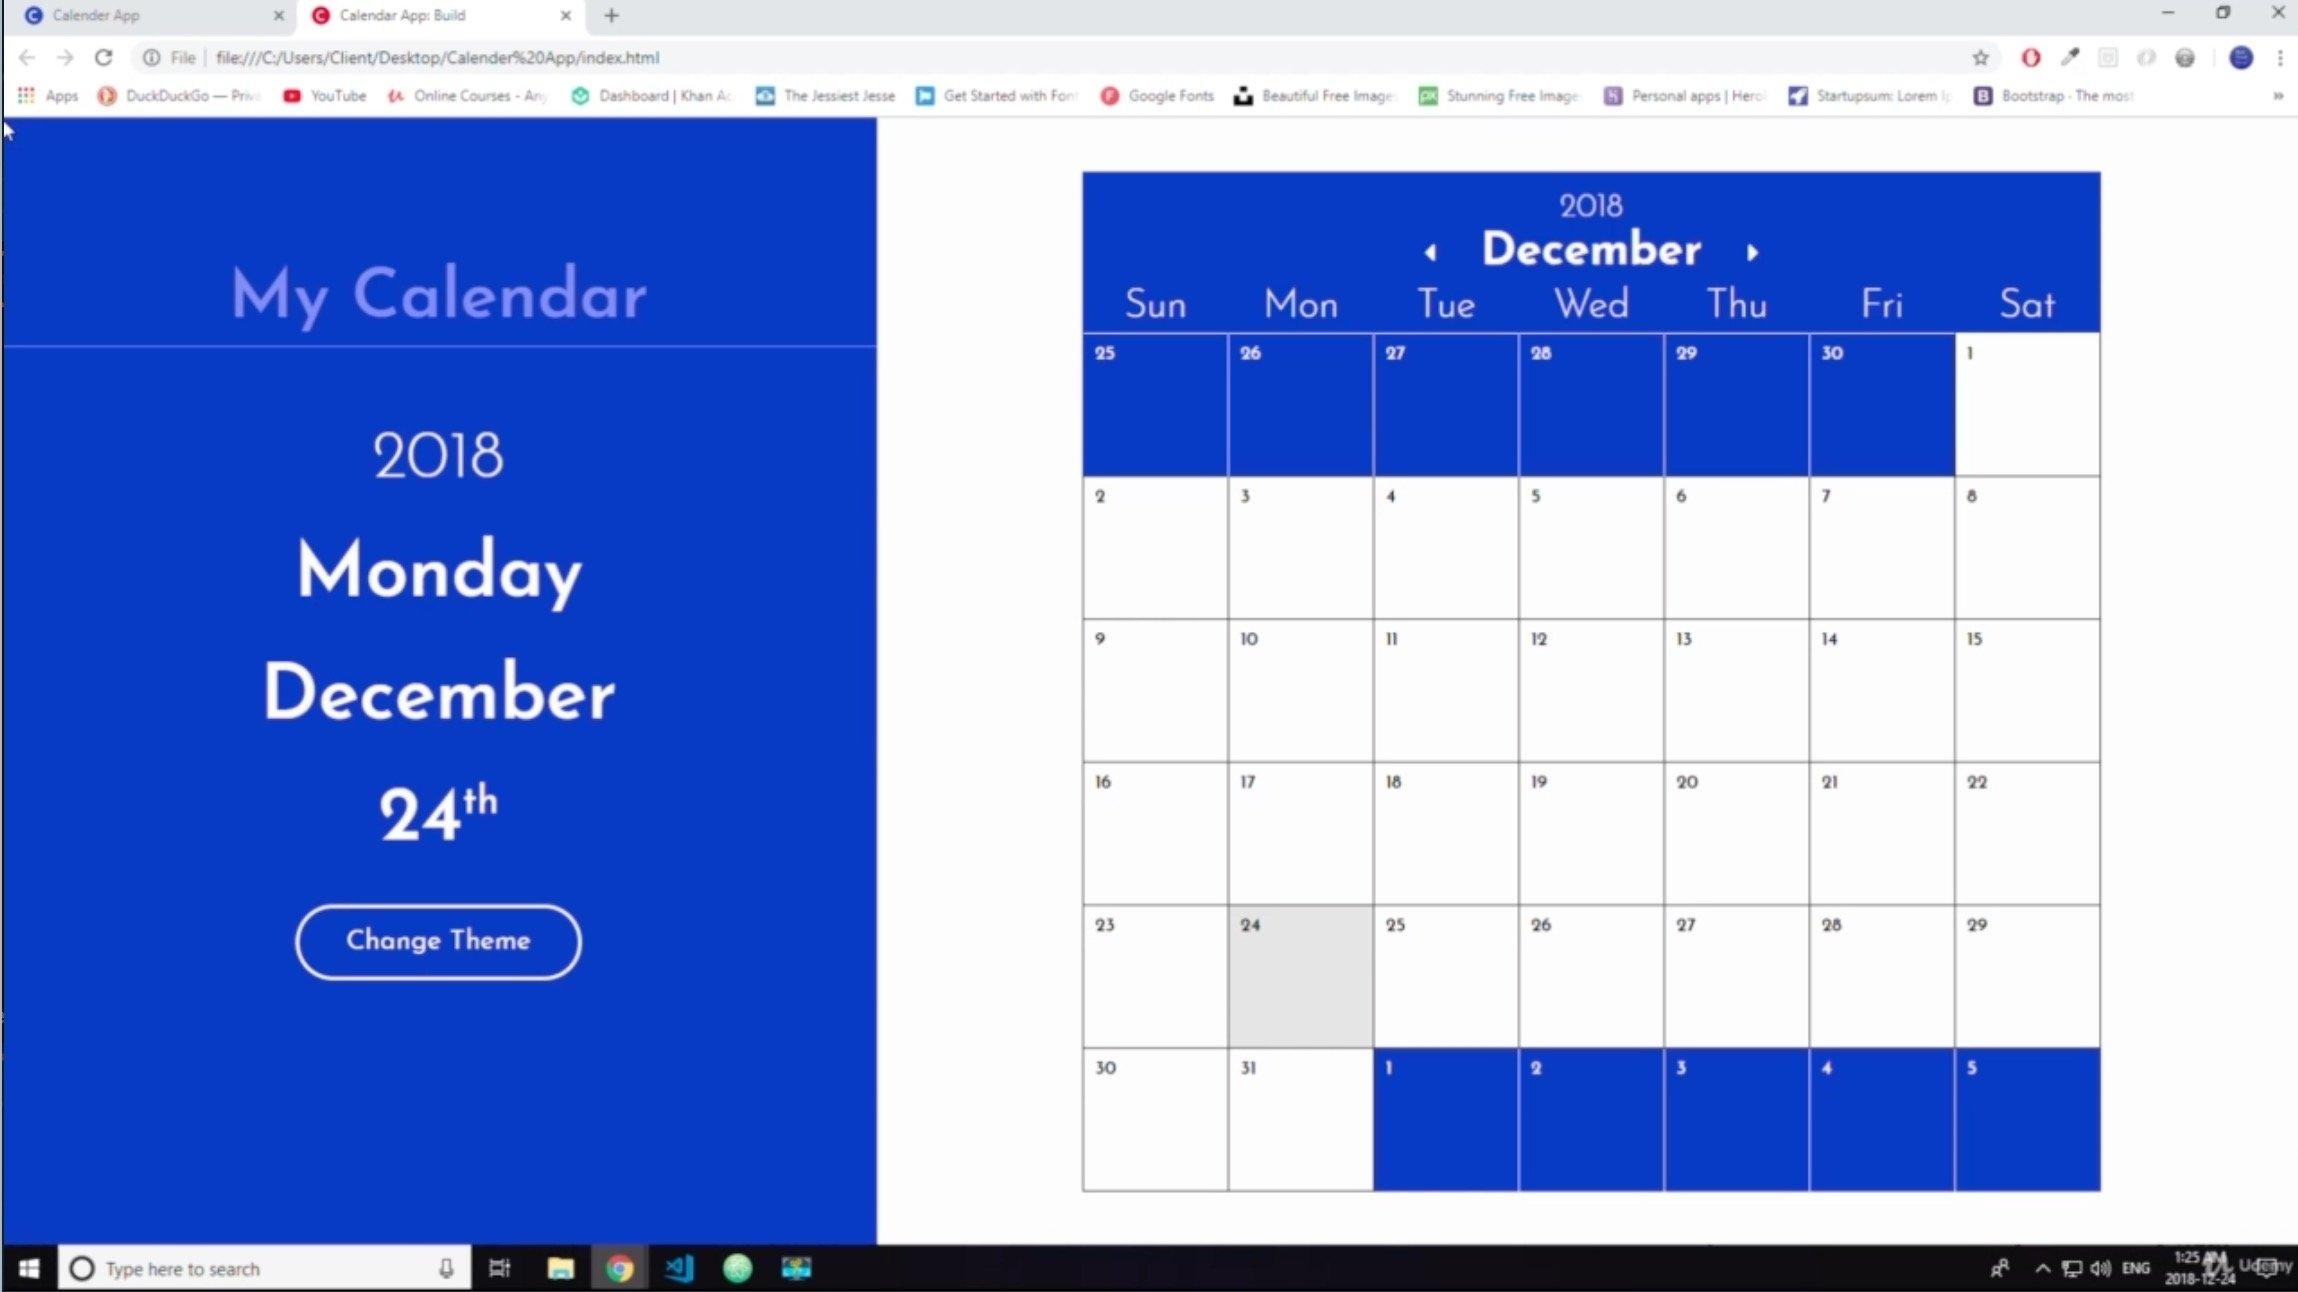 2019 Calendar App: Let's Build It! | Review Calendar 2019 App